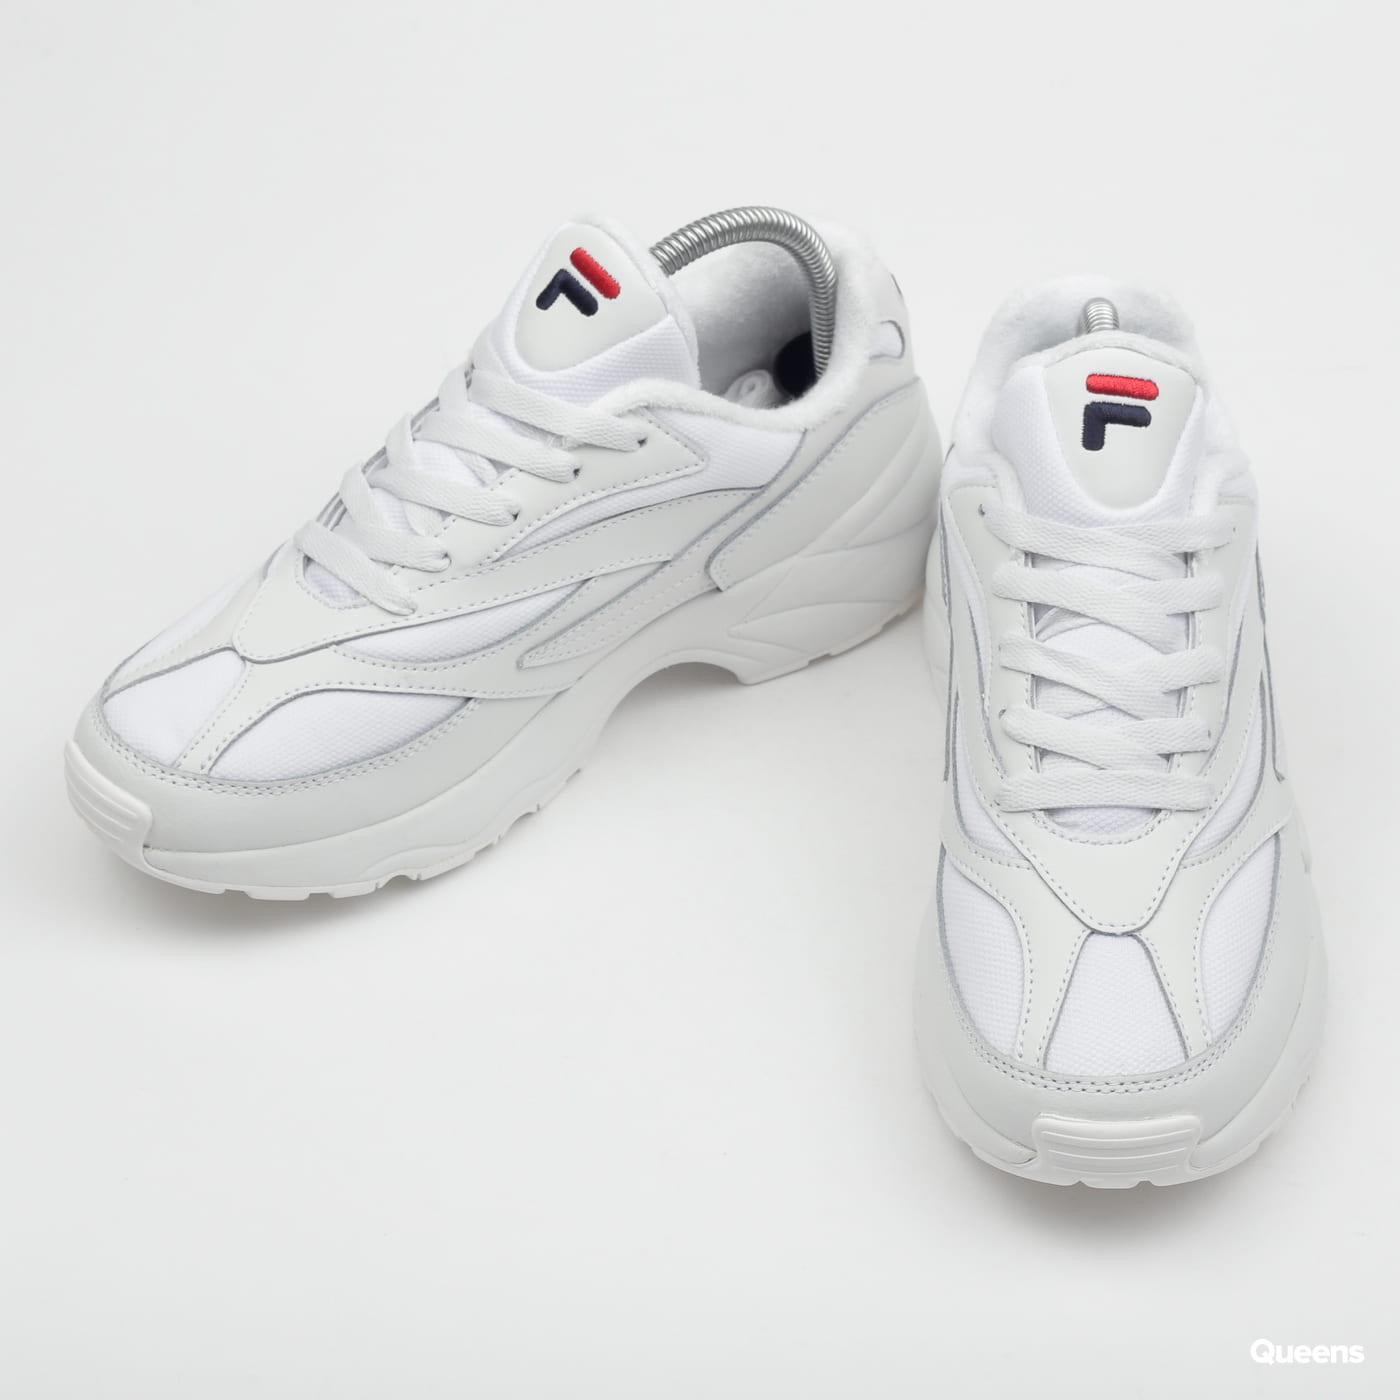 Fila V94 Low WMN white